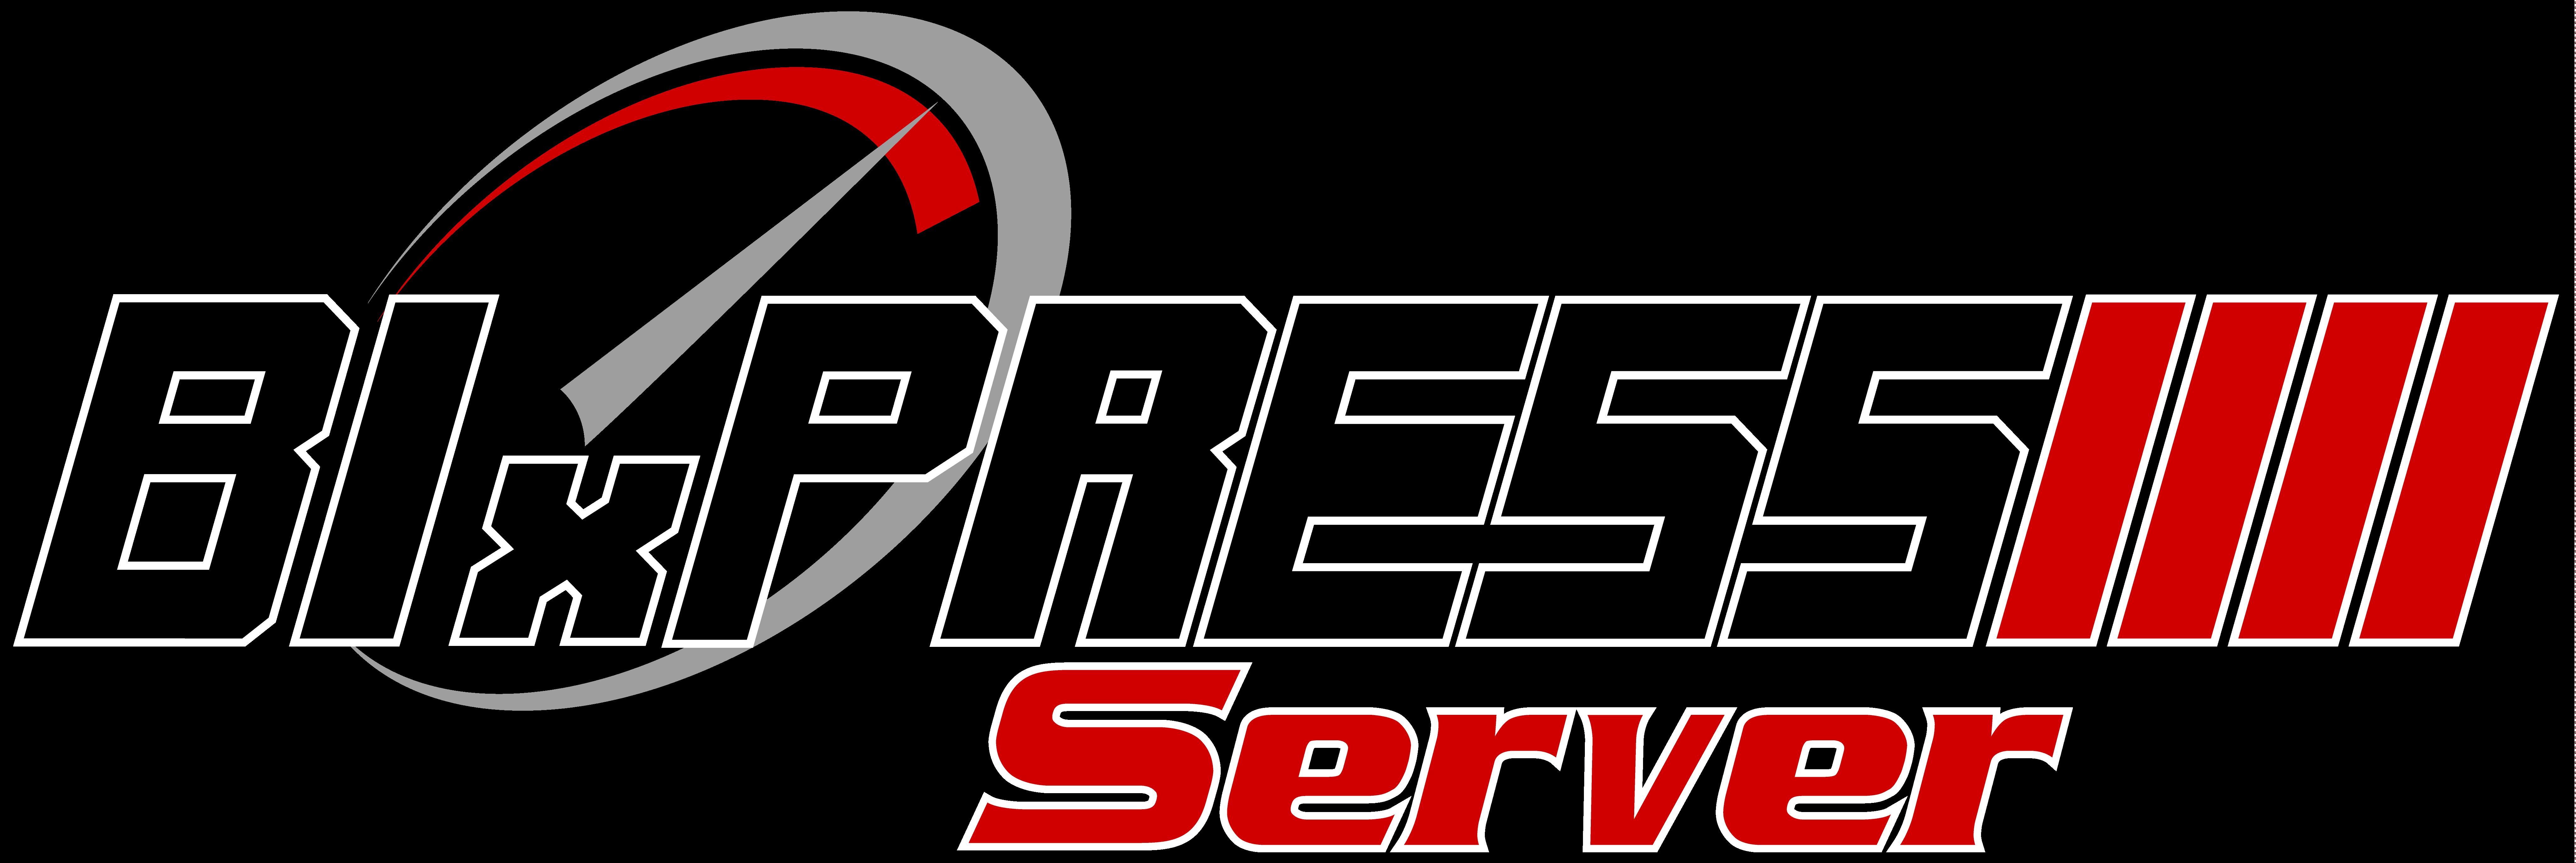 BIxpressServer.Logo.Large